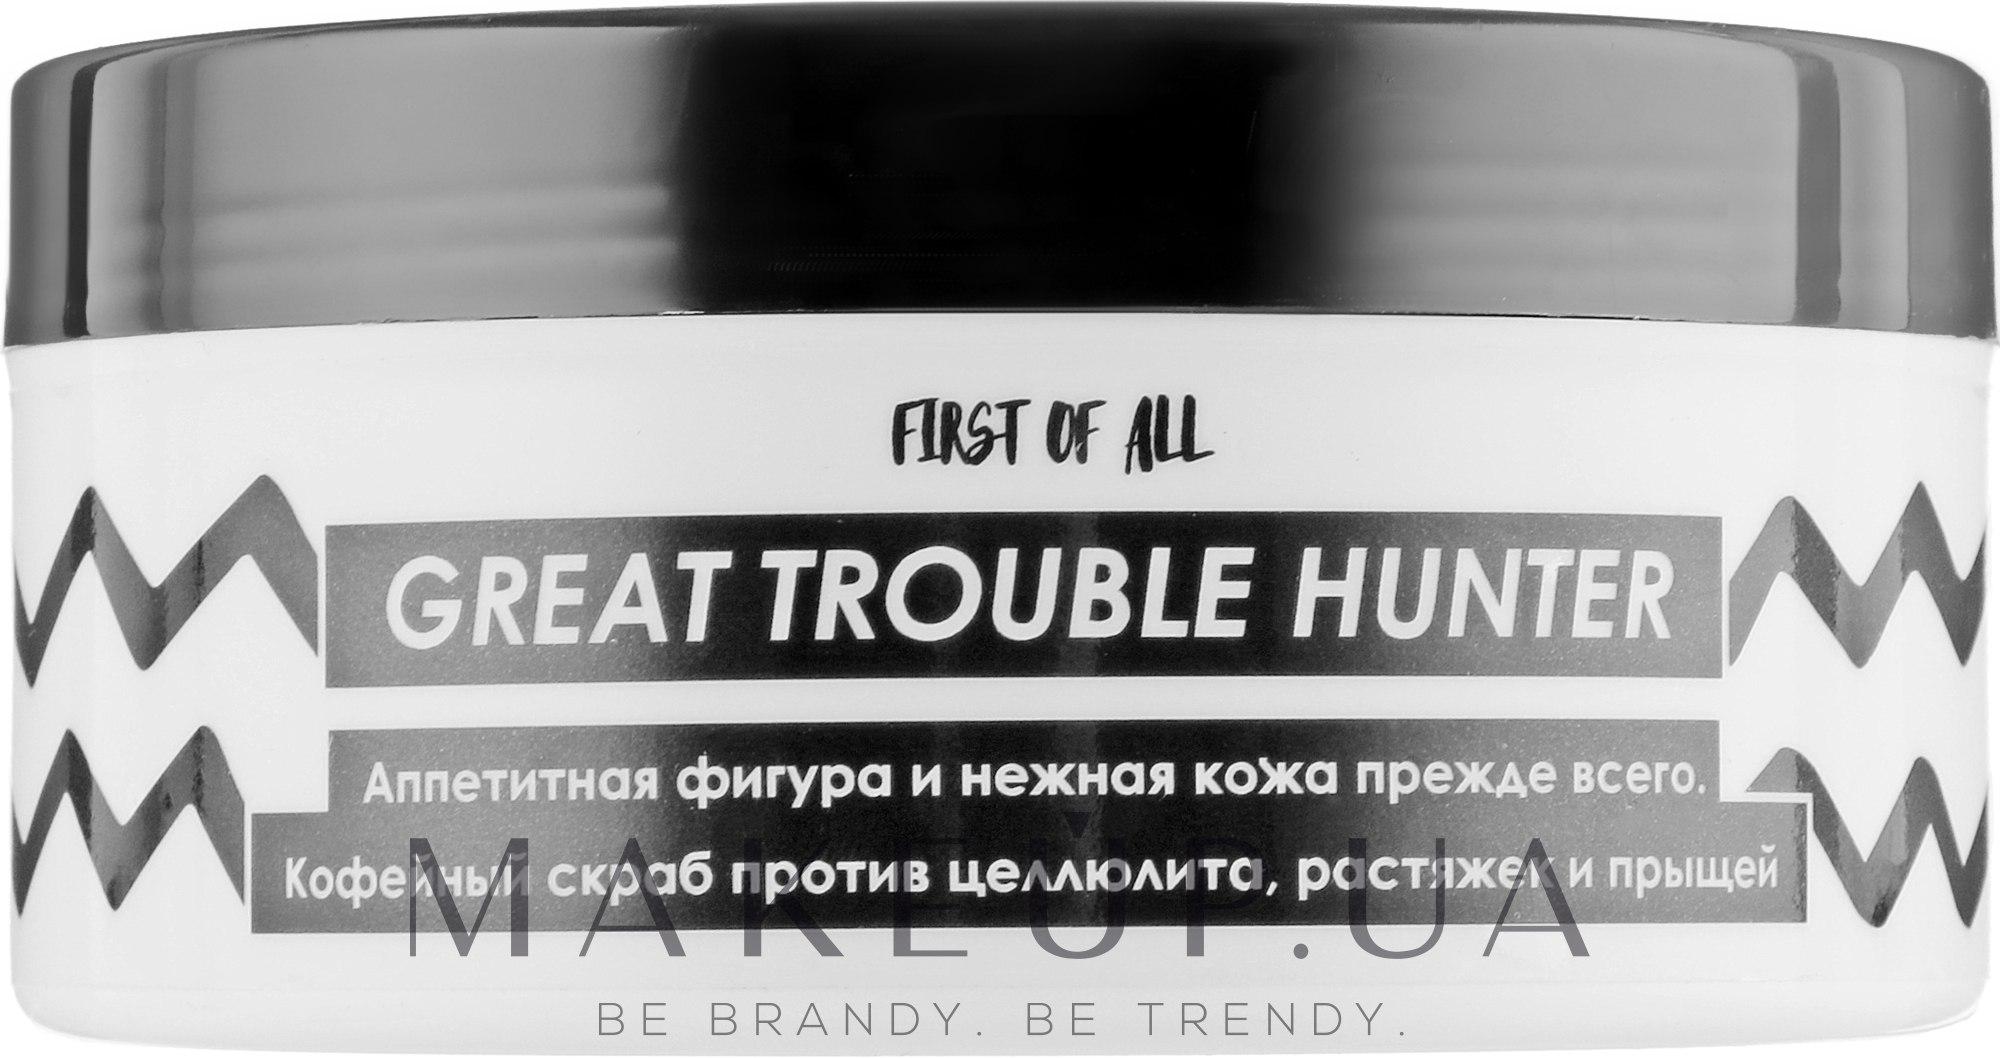 Кофейный скраб против целлюлита, растяжек и прыщей - First of All Great Trouble Hunter — фото 175g